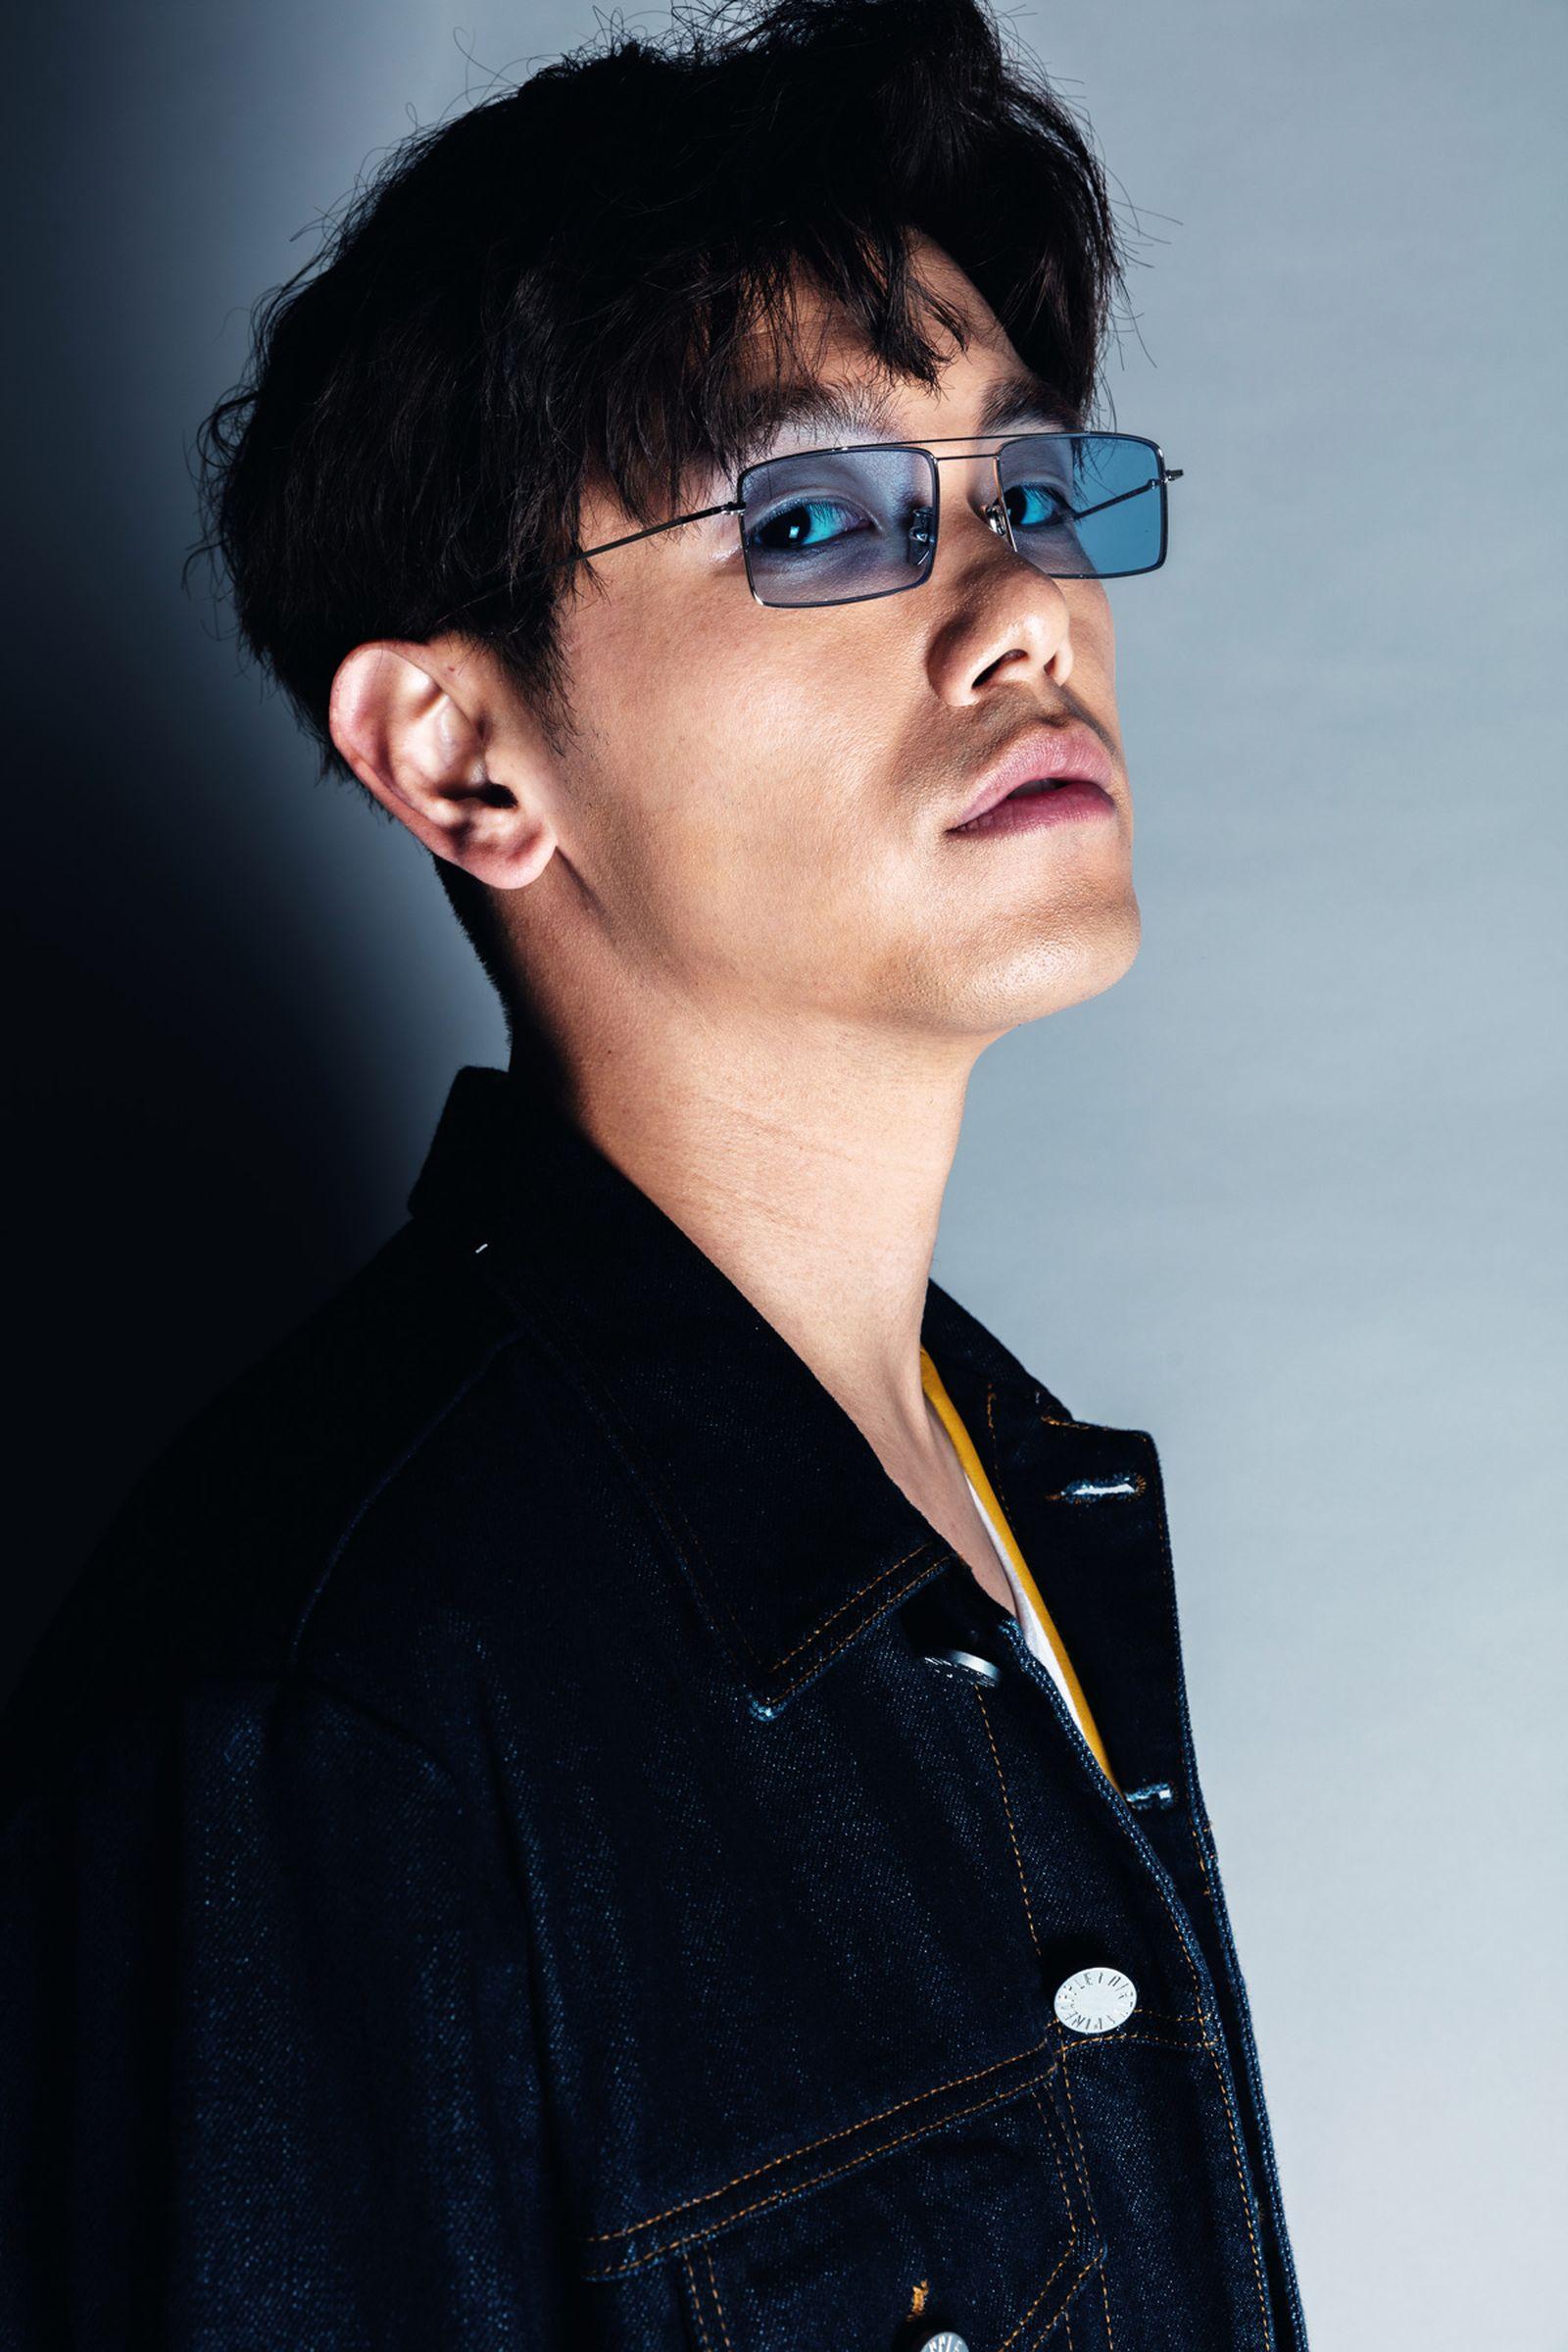 eric-nam-interview-02